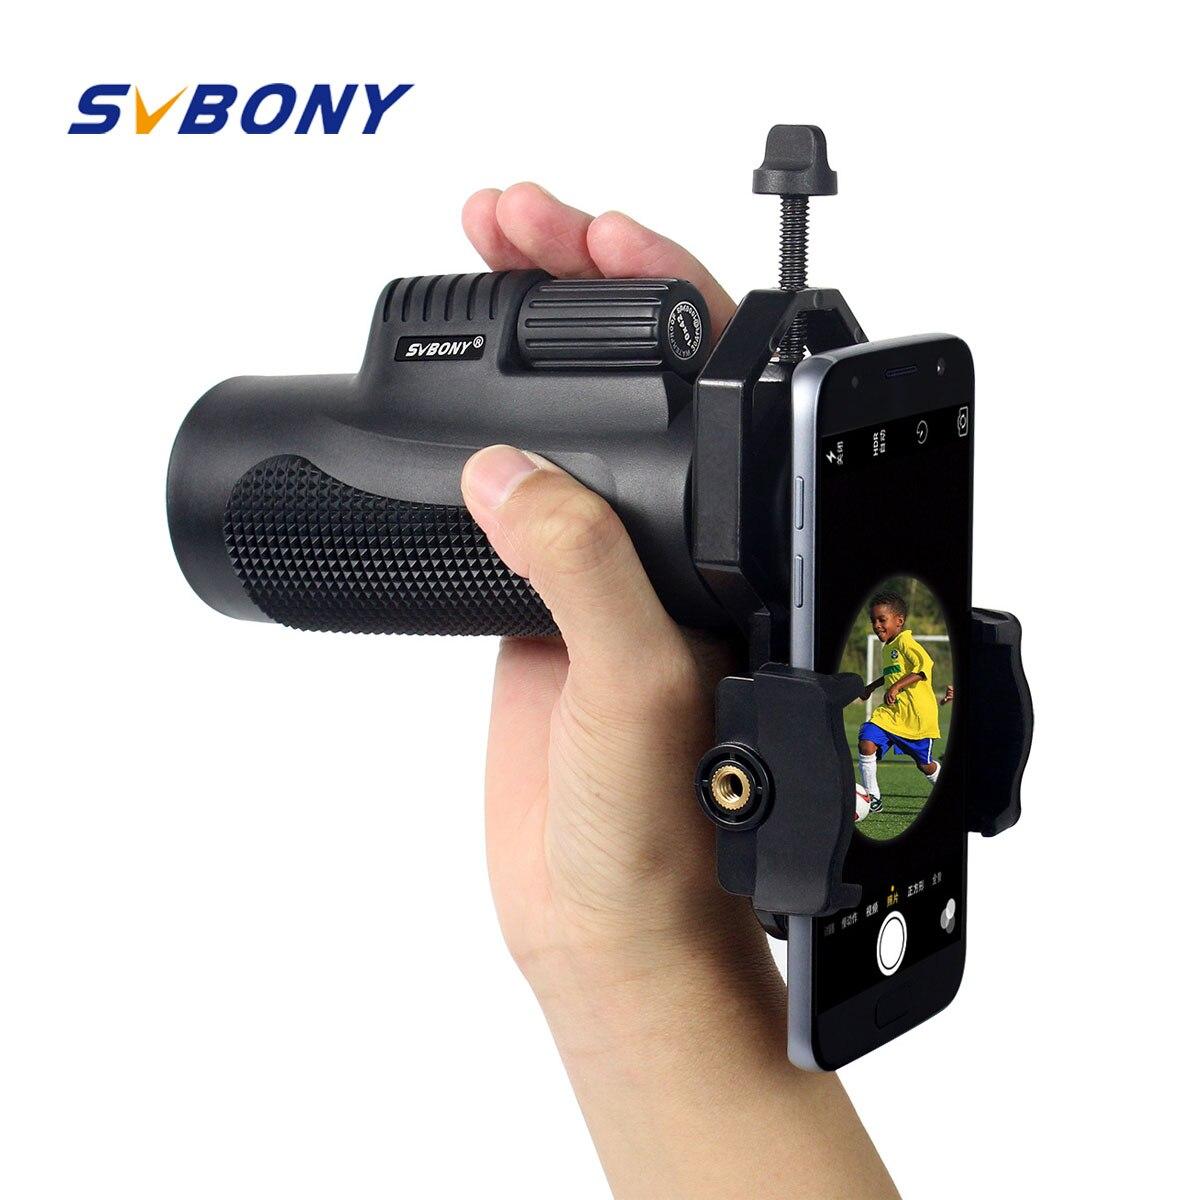 SVBONY 10x42 Monoculares a prueba de agua BK7 Enfoque para Viaje y Camping Monoculares ópticos para senderismo al aire libre F9116AD